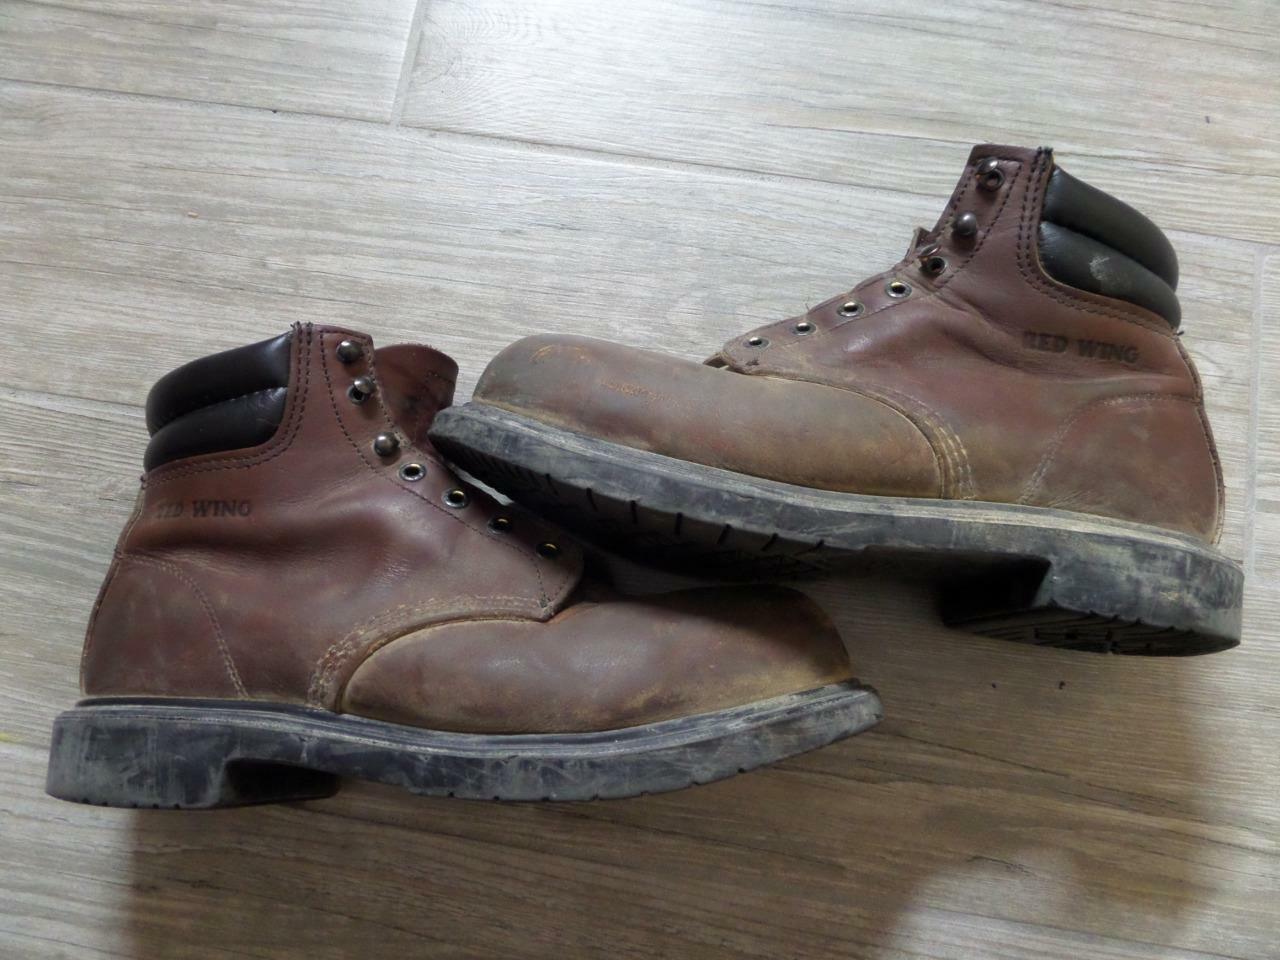 Sz 8.5 botas para hombre rojo WING 2245 6  Super exclusivo riesgo eléctrico Marrón Puntera De Acero